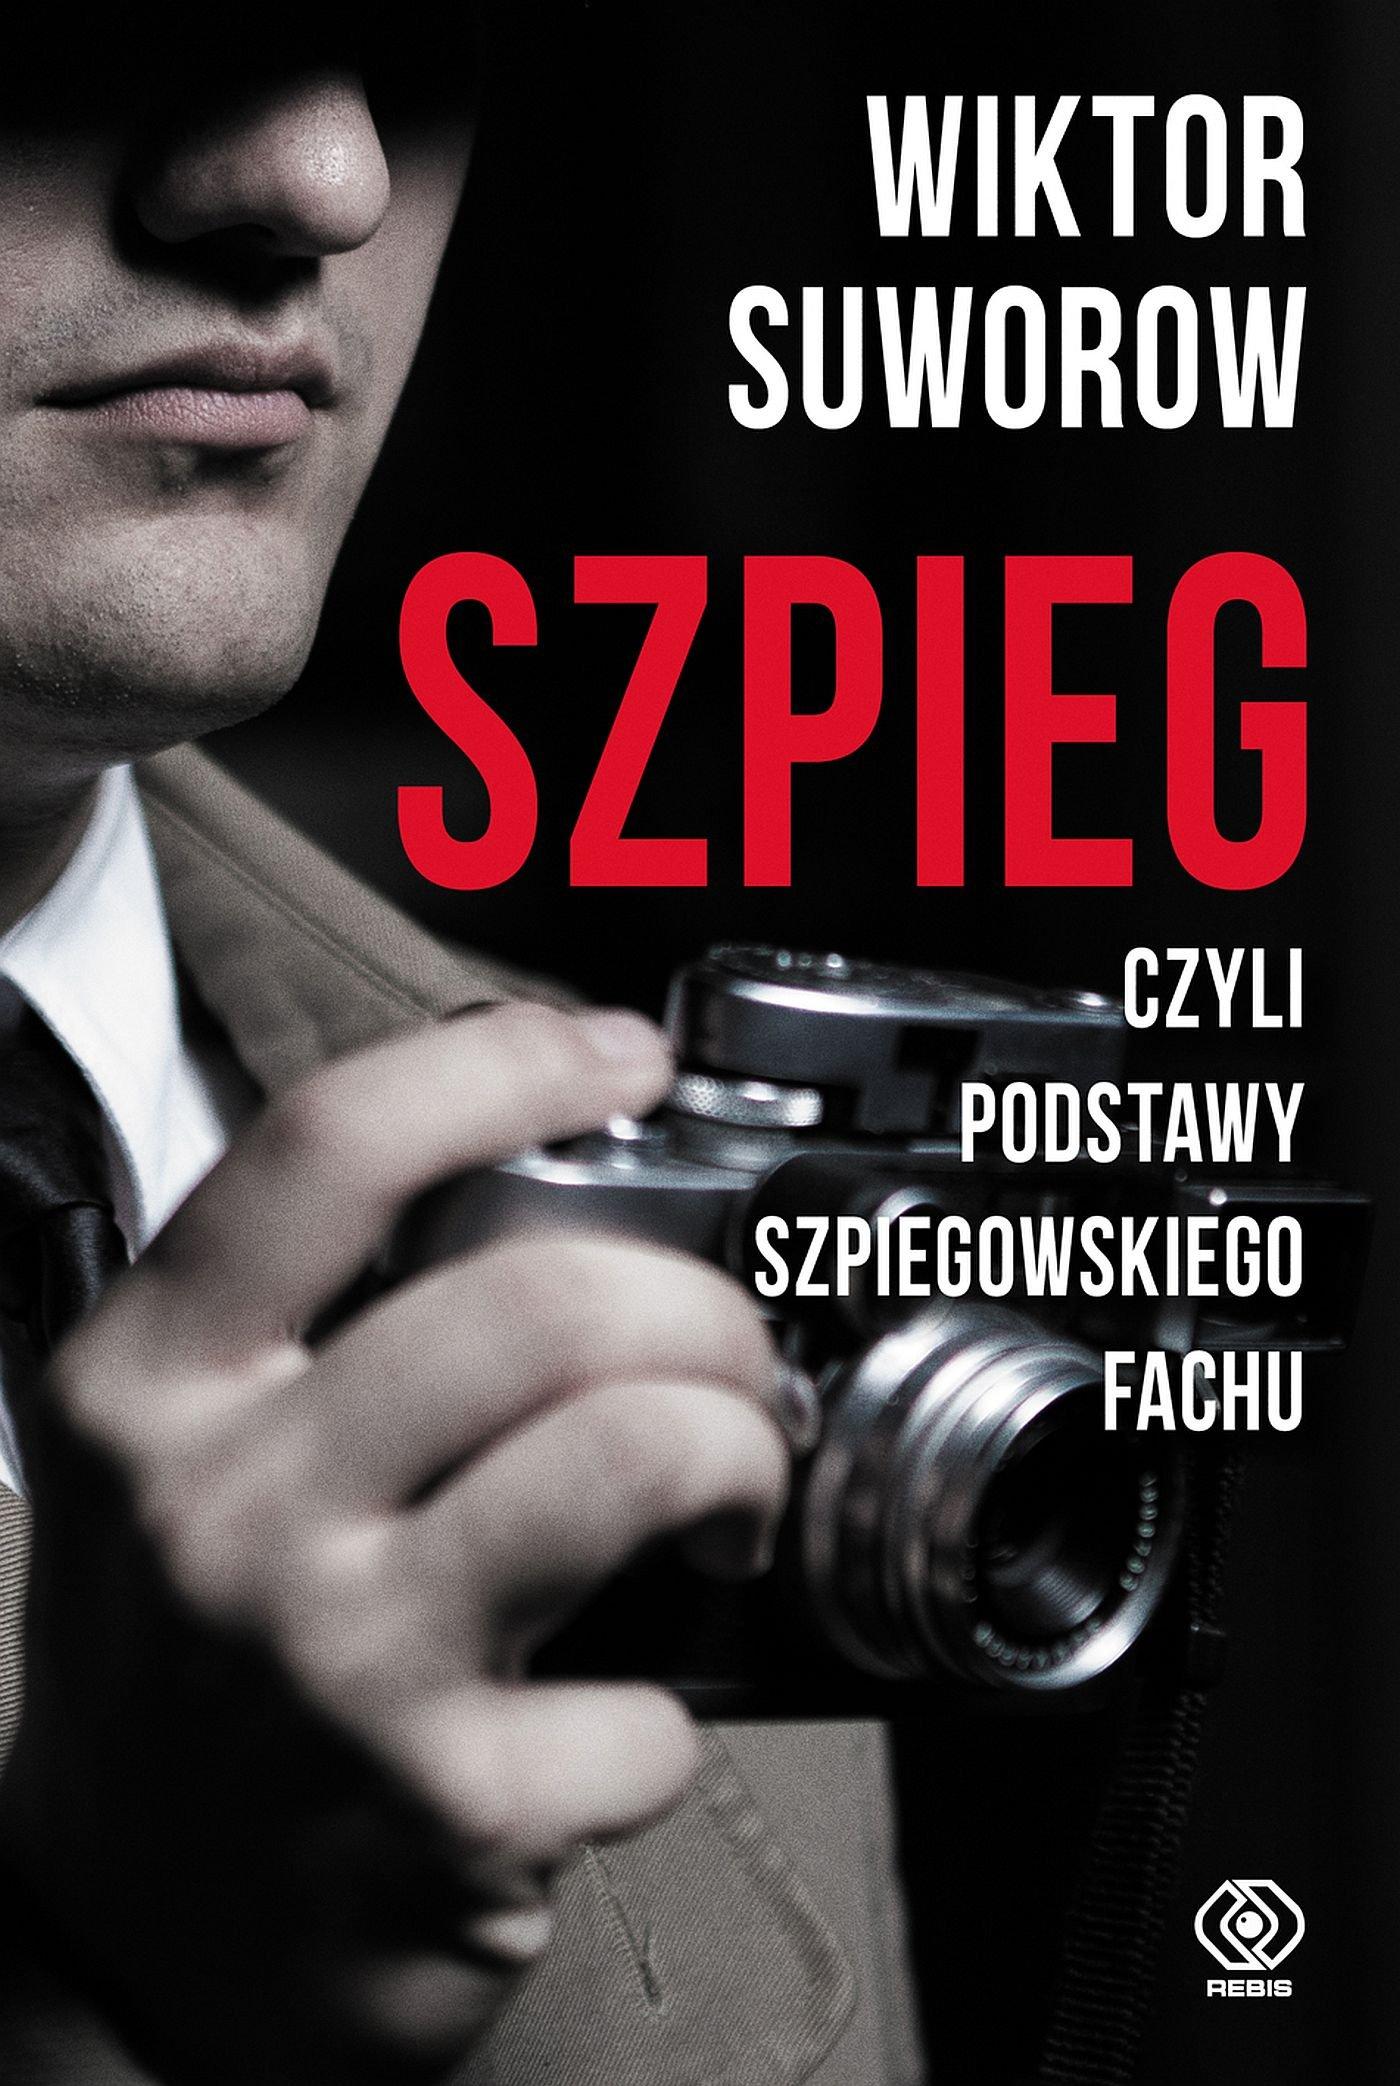 Szpieg, czyli podstawy szpiegowskiego fachu - Ebook (Książka EPUB) do pobrania w formacie EPUB